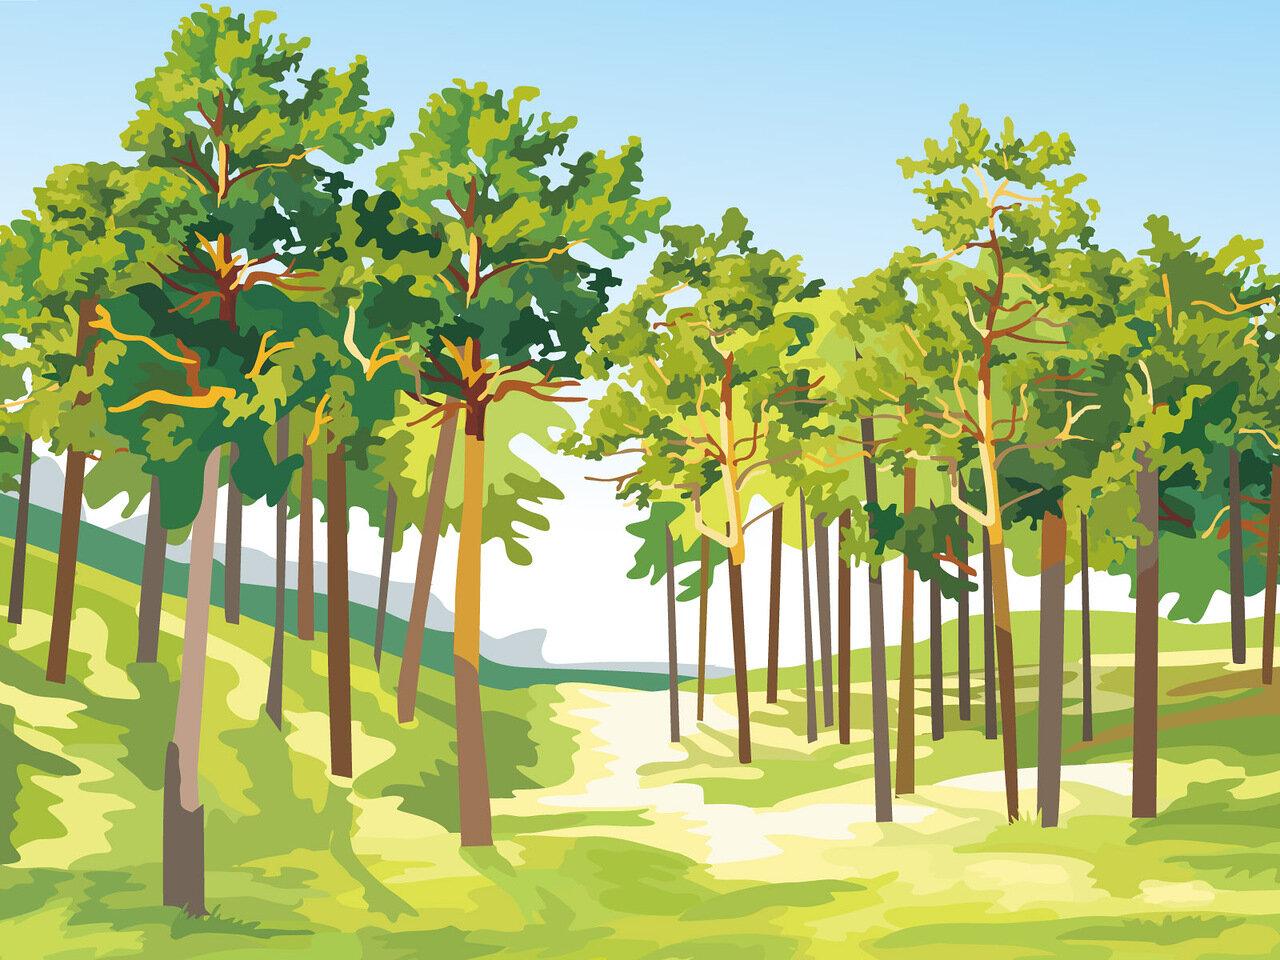 Картинки о лесе для детей нарисованные, пятерок для